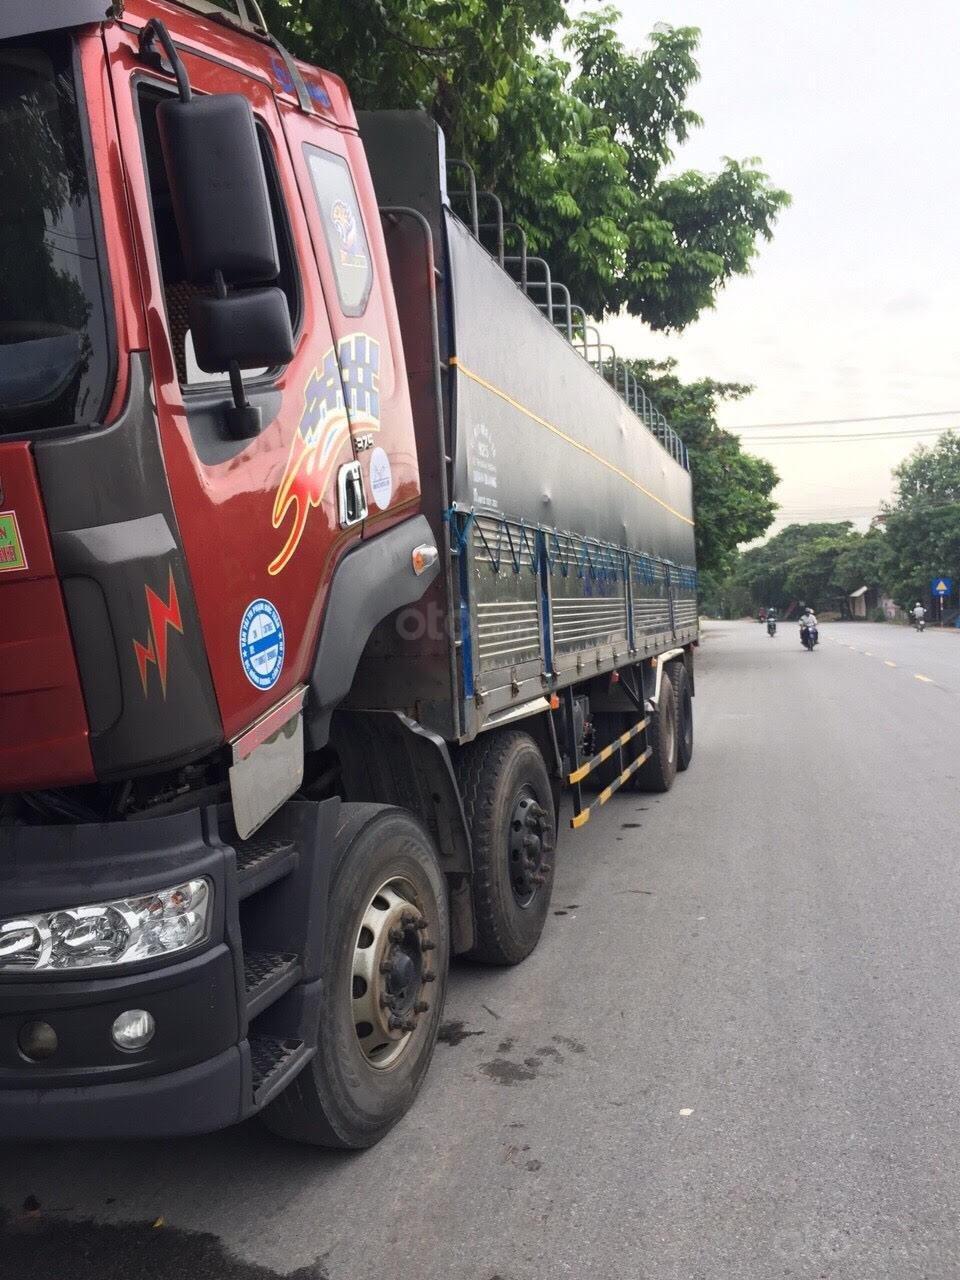 Bán xe tải Chenglong 4 chân, đời 2012 thùng dài 9.75m (1)